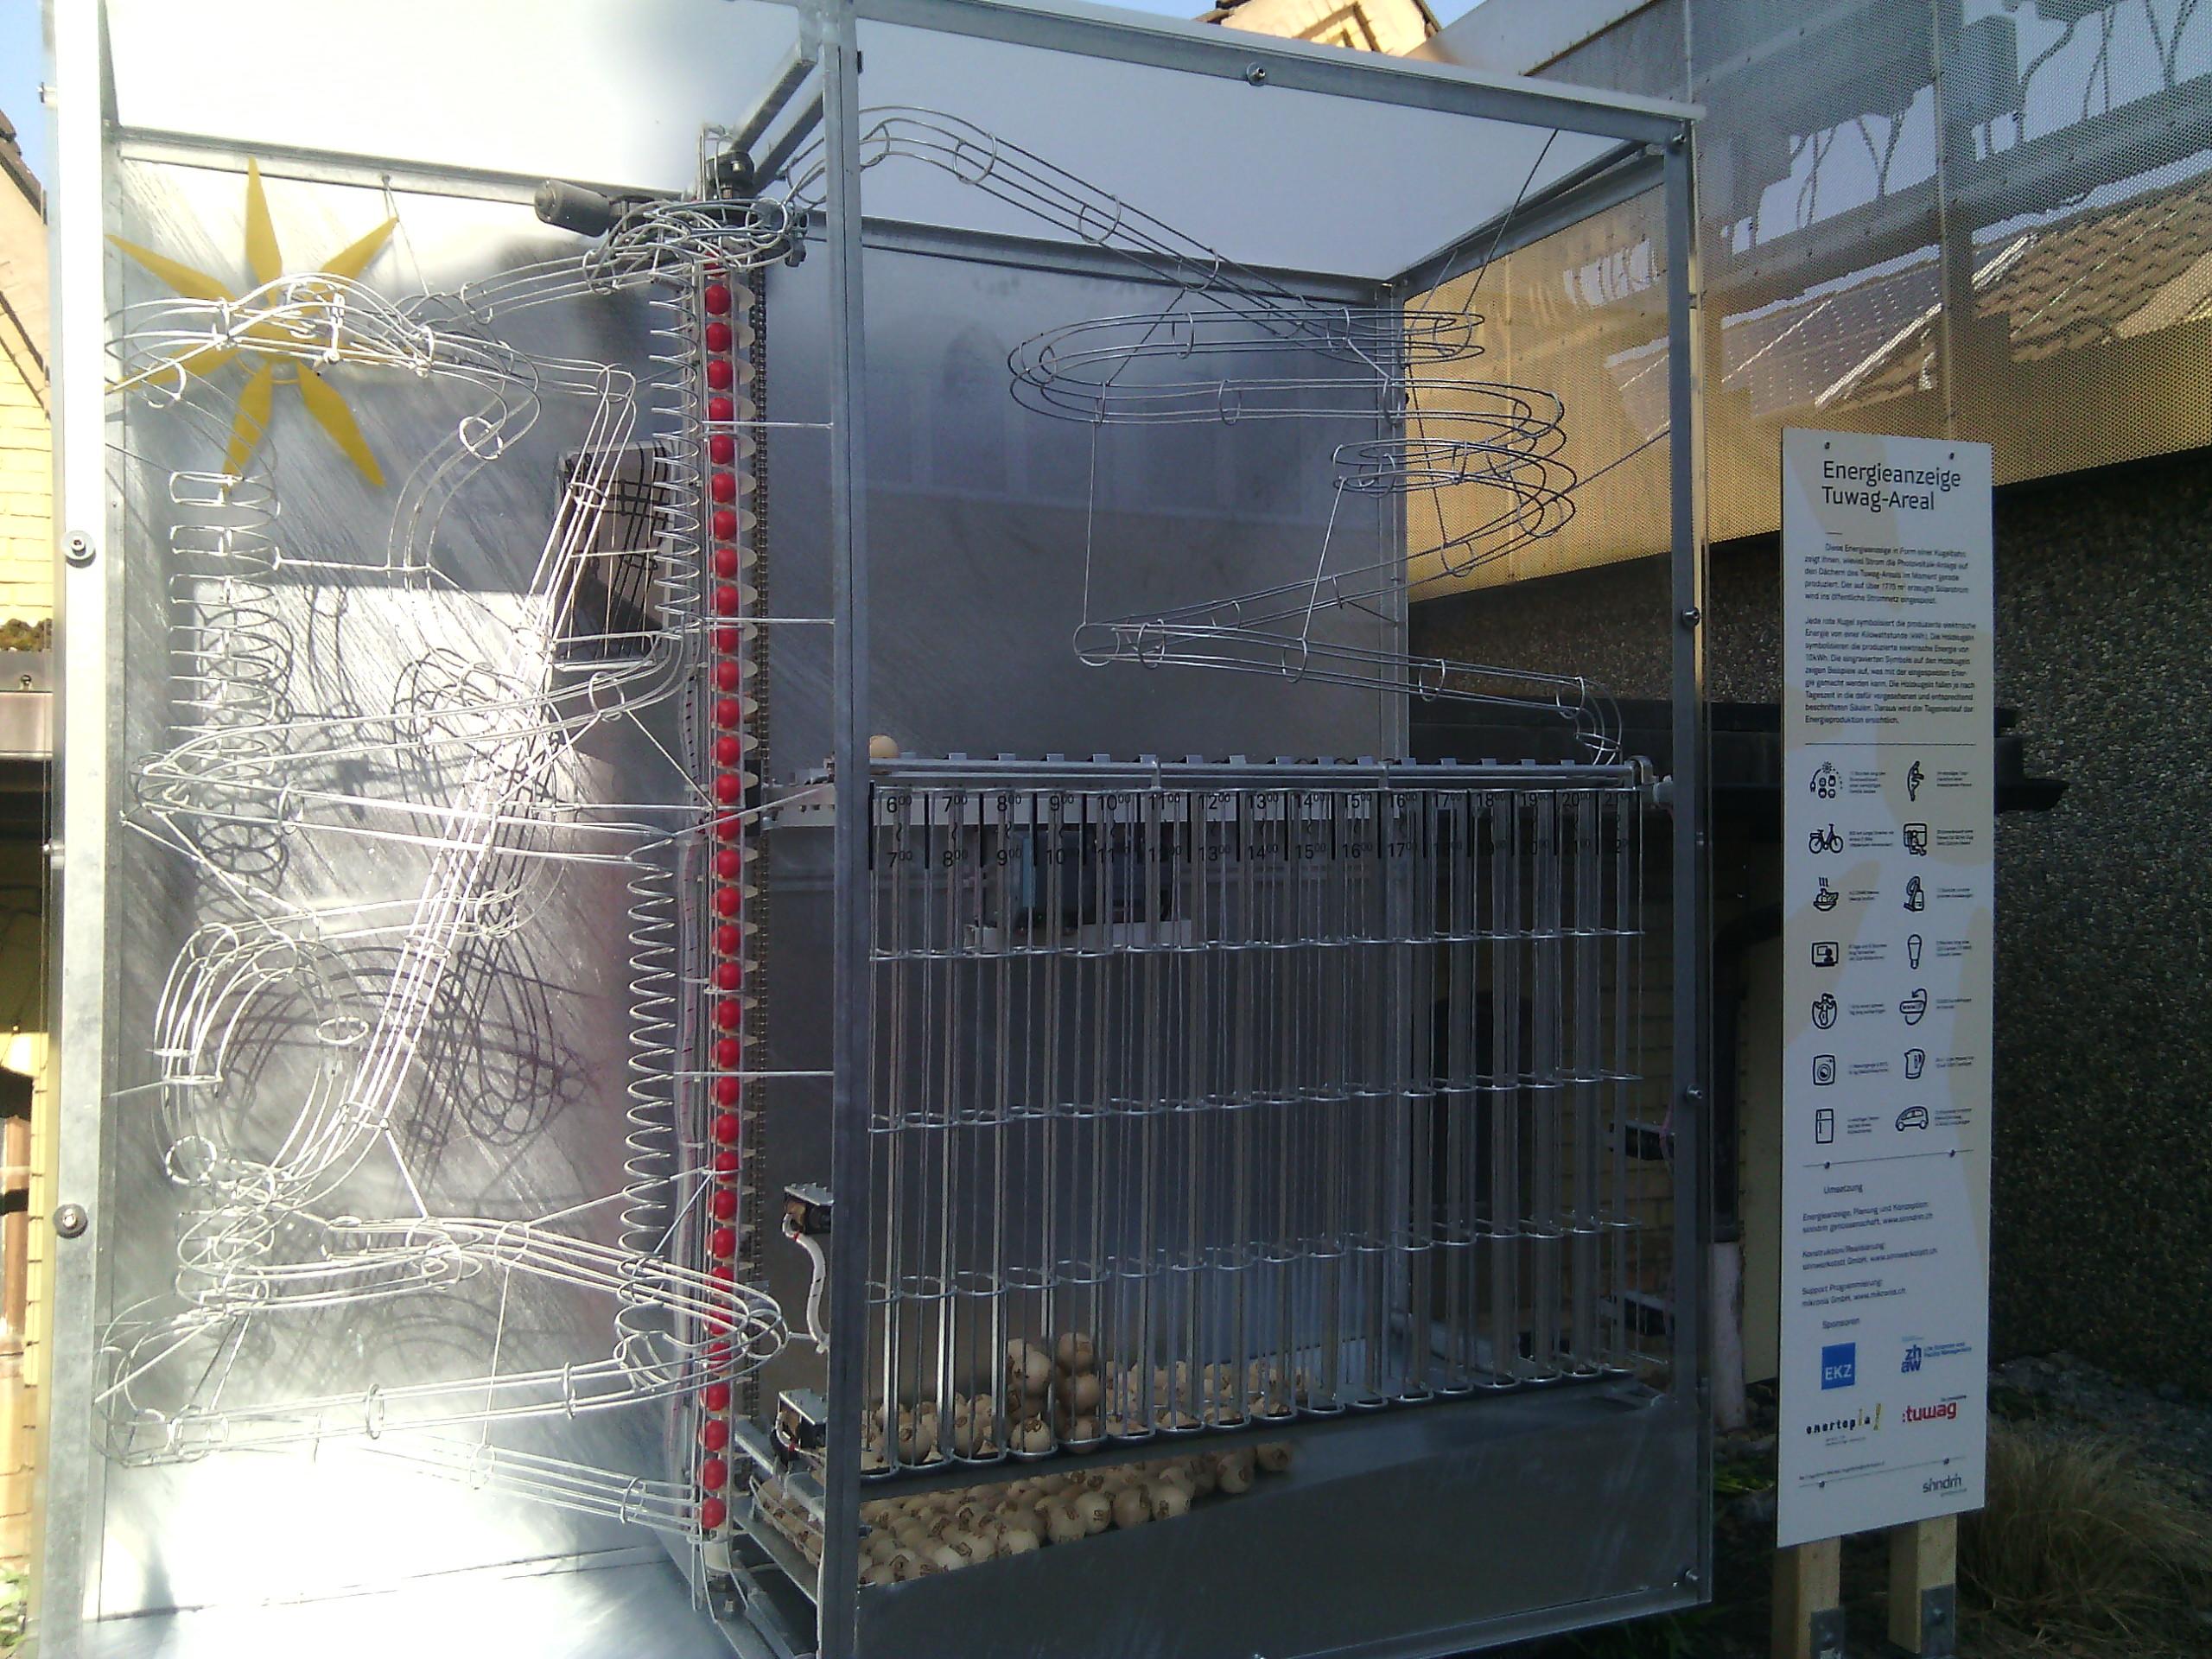 Auf der rechten Seite stellen Holzkugeln 10kWh Solarenergie-Einheiten dar, die ins Netz eingespeist werden.